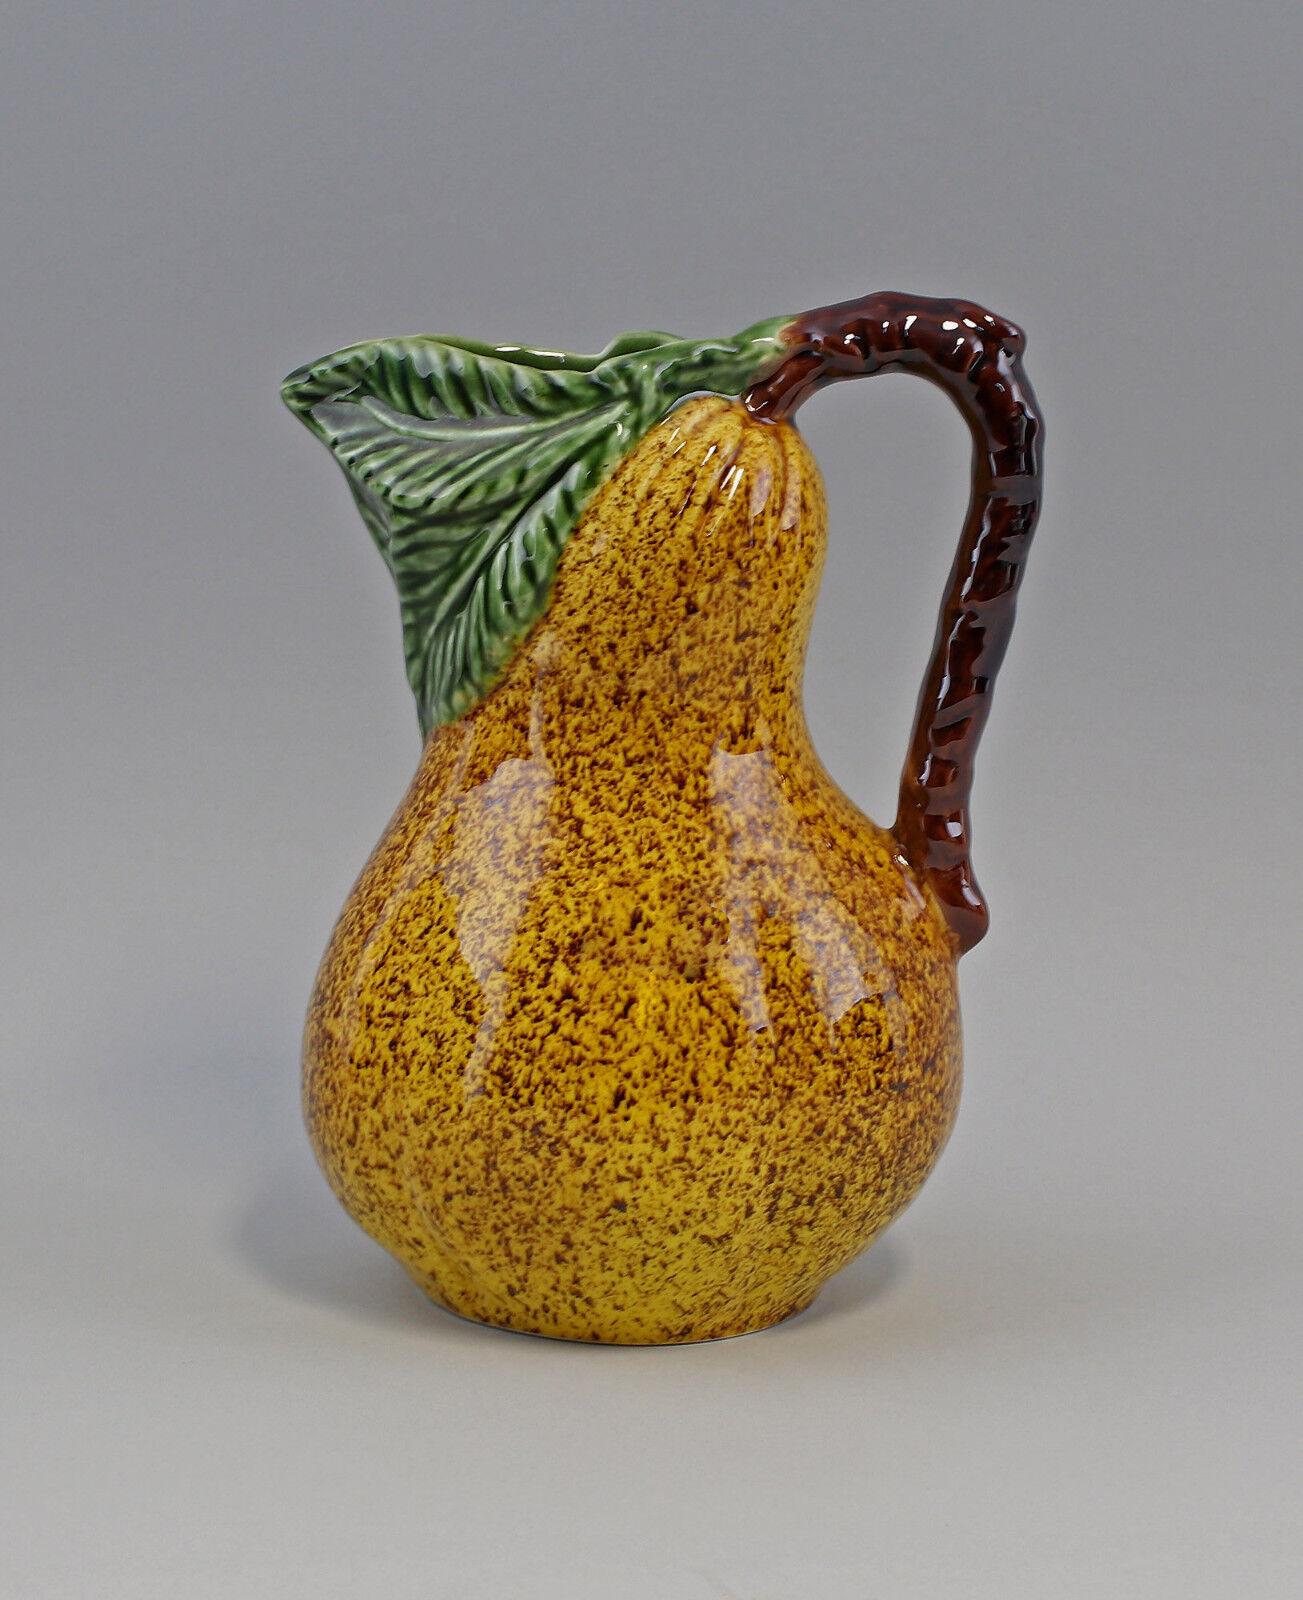 9918636 pichet carafe cadeau pot ampoule céramique Majolika Portugal